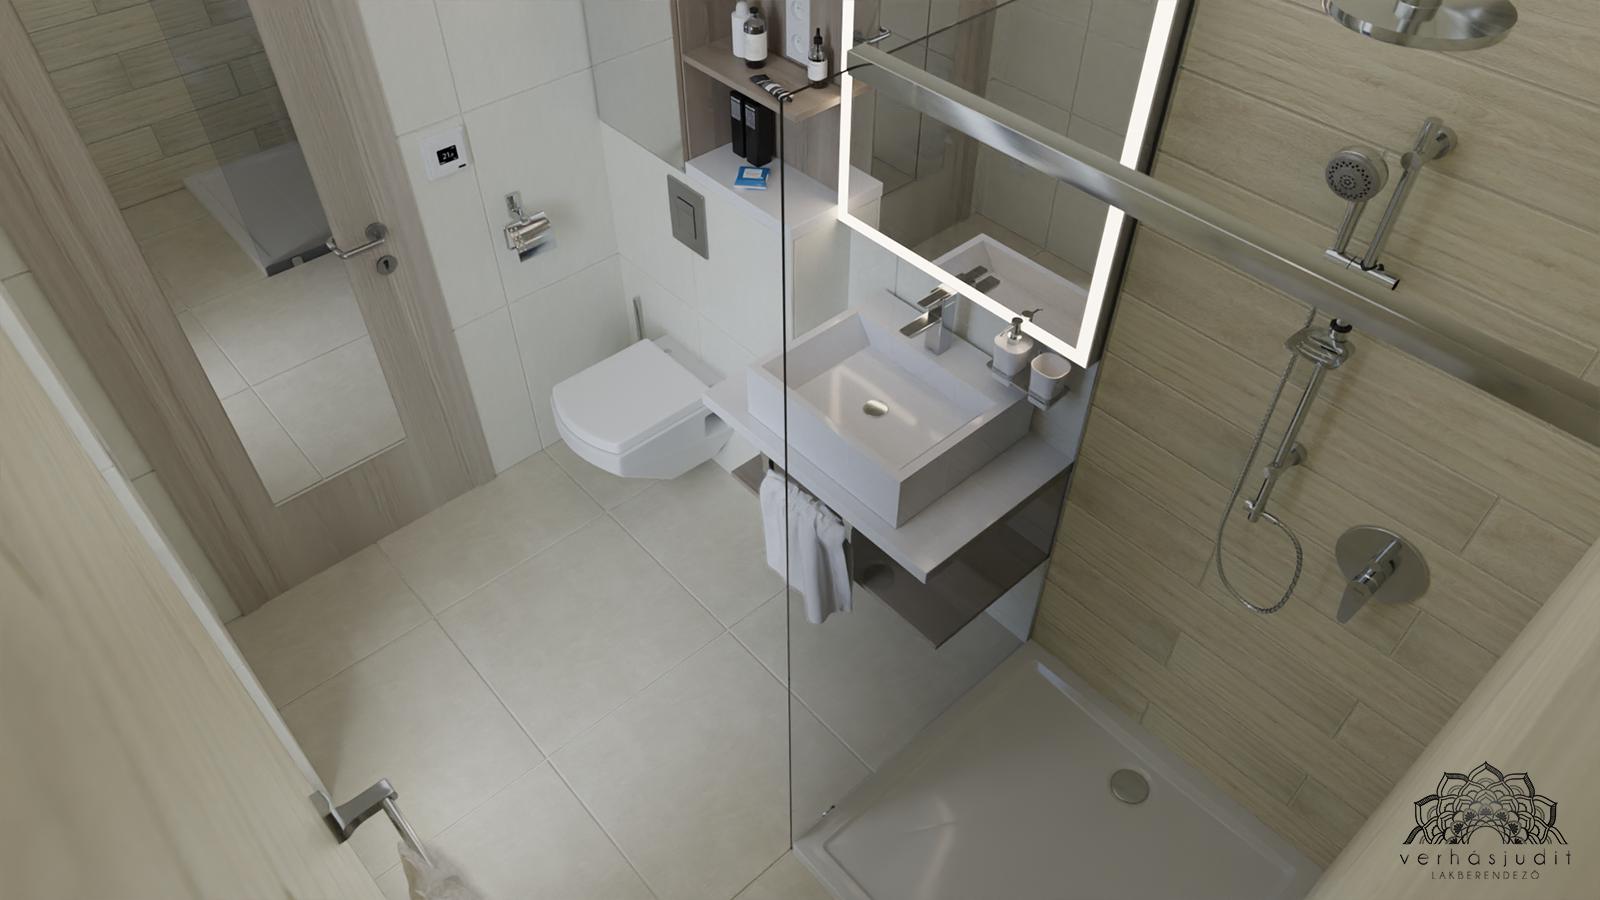 Penthouse lakás - Fürdőszoba - Székesfehérvár